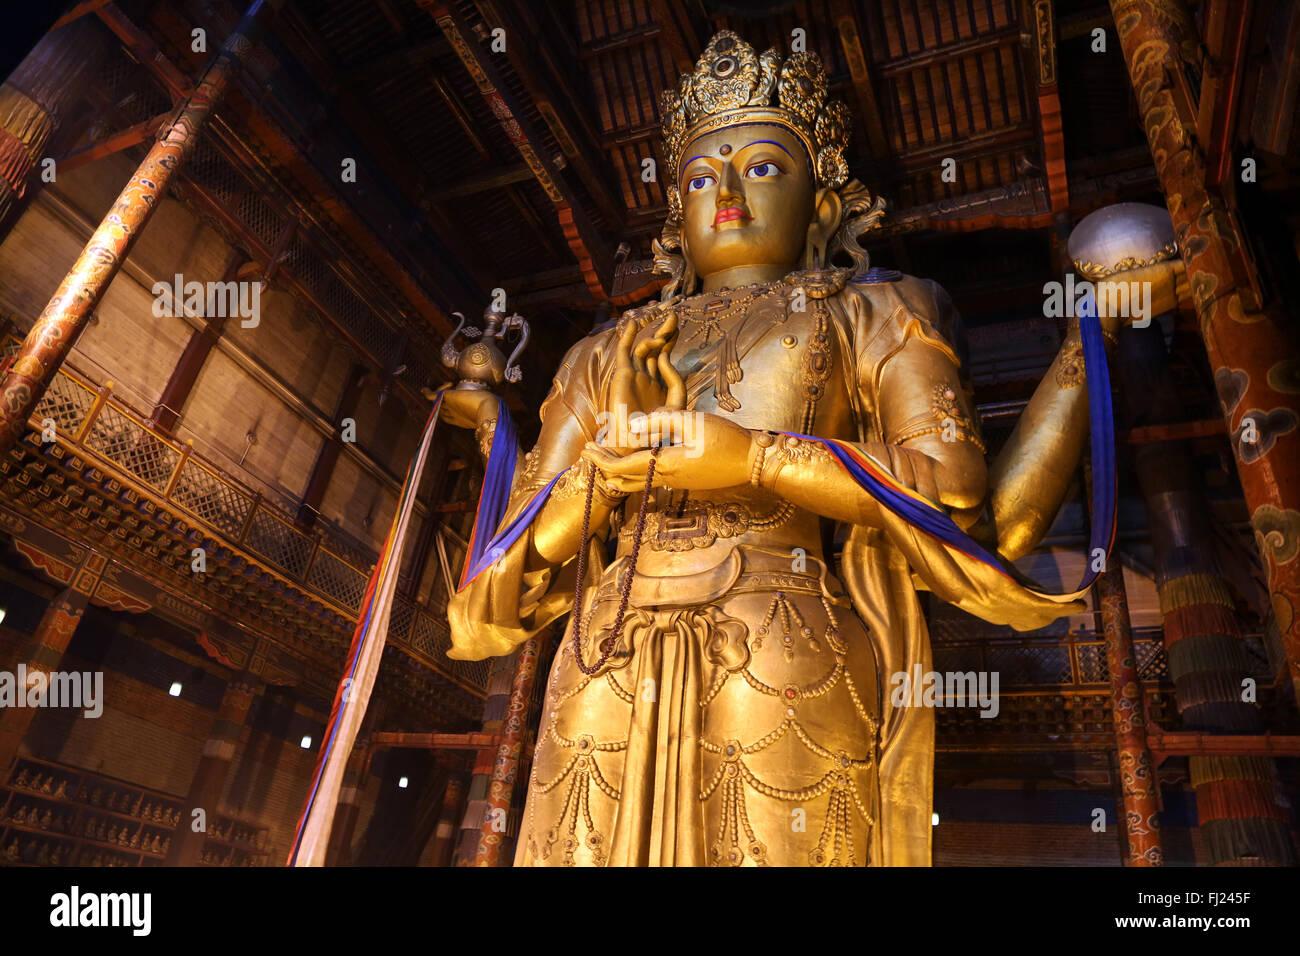 Huge Avalokiteśvara statue in Gandantegchinlen Monastery, Ulaanbaatar, Mongolia - Stock Image